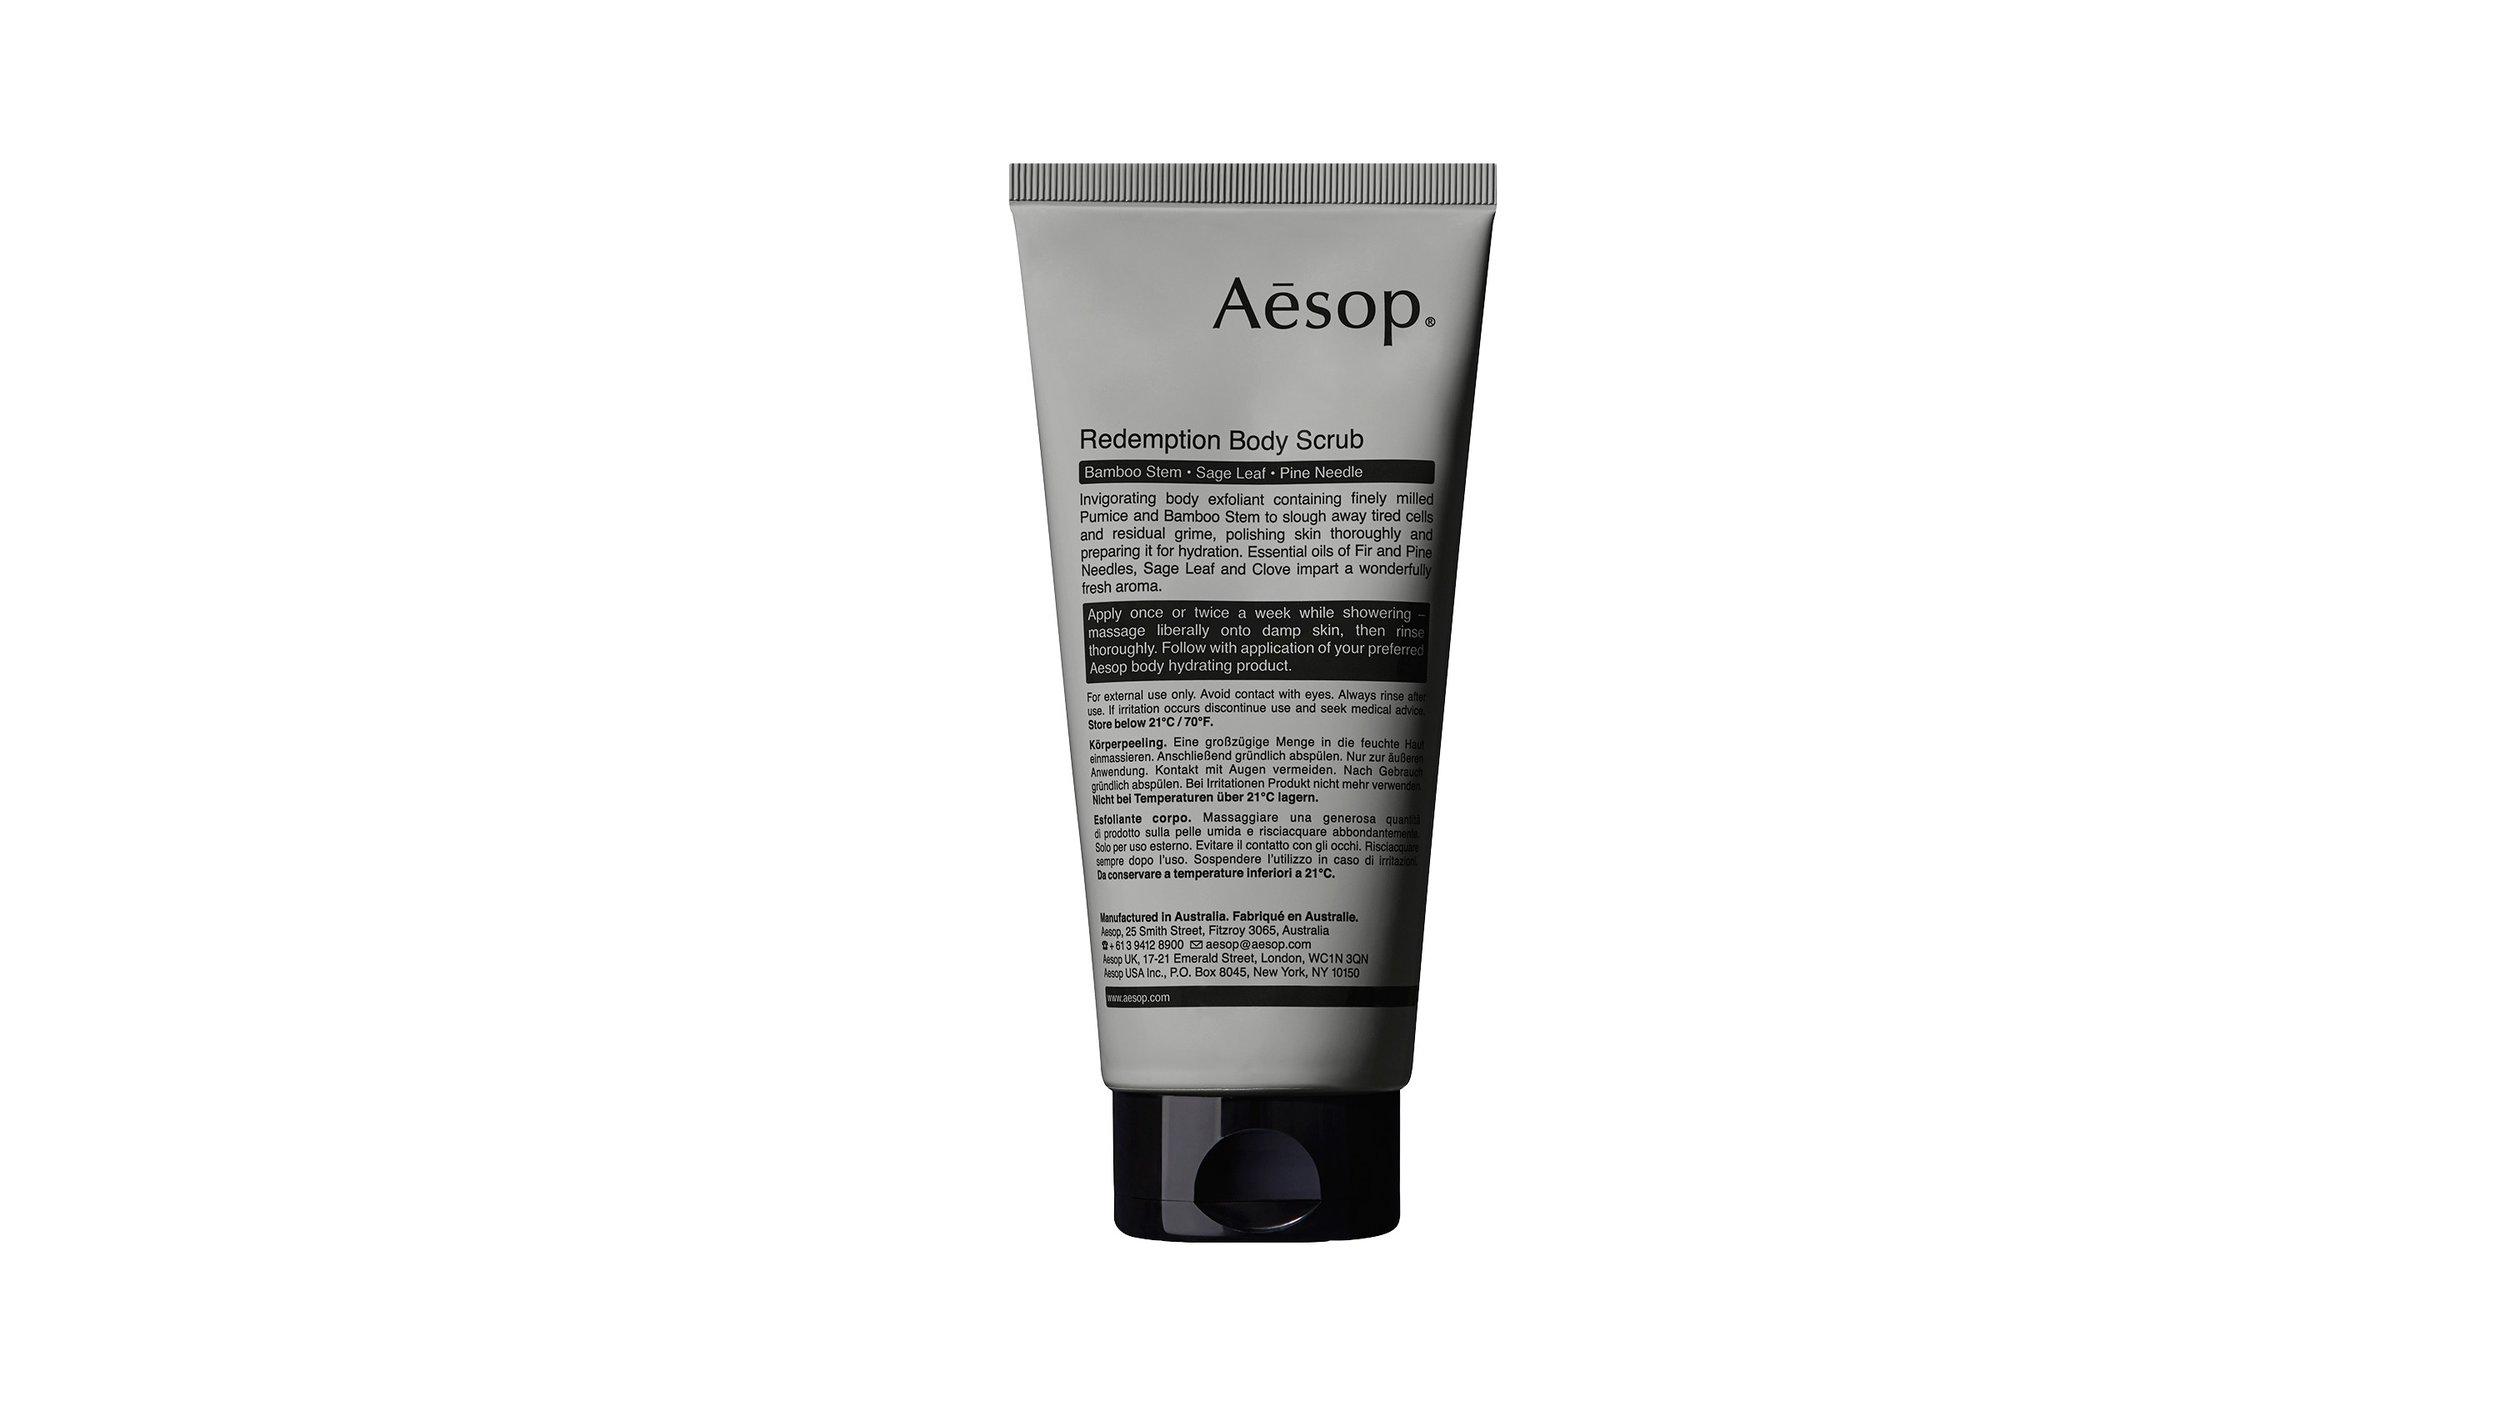 aesop-body-scrub.jpg